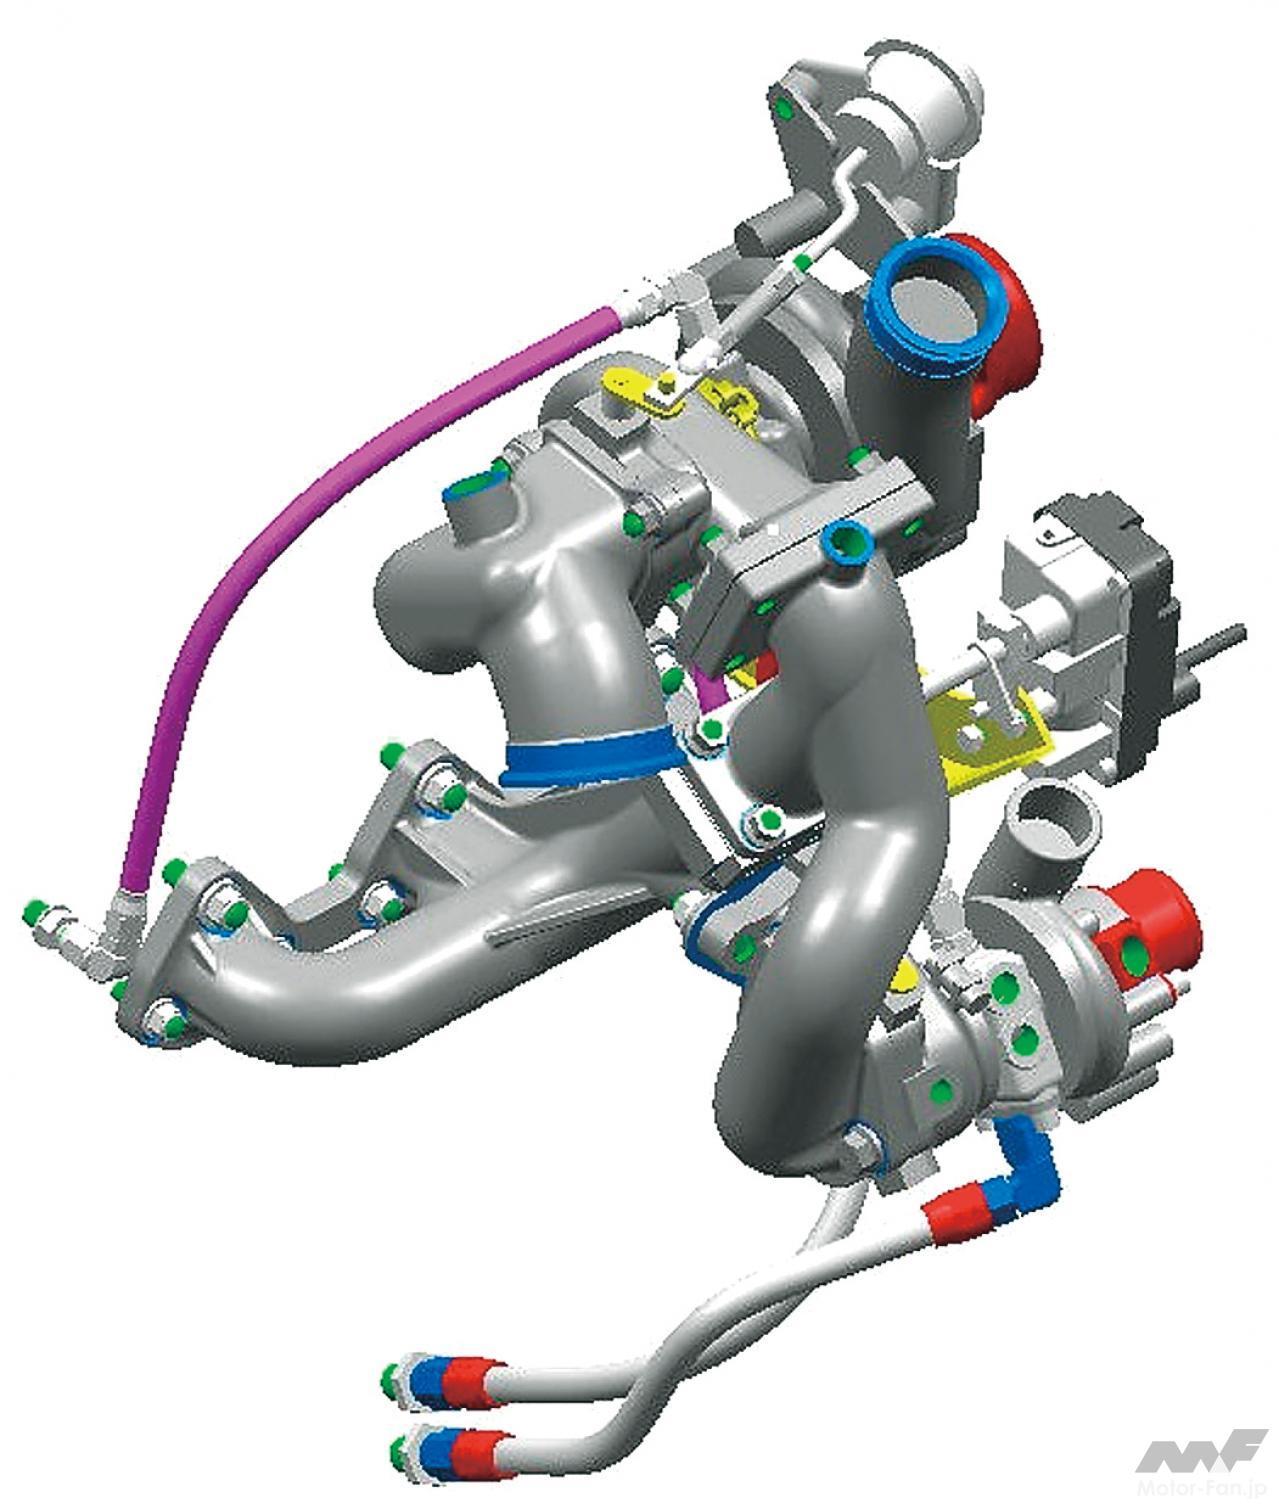 「内燃機関超基礎講座 | 三菱のダカール用ディーゼルはまさに常識破り! 量産ガソリンエンジンがベース」の5枚目の画像